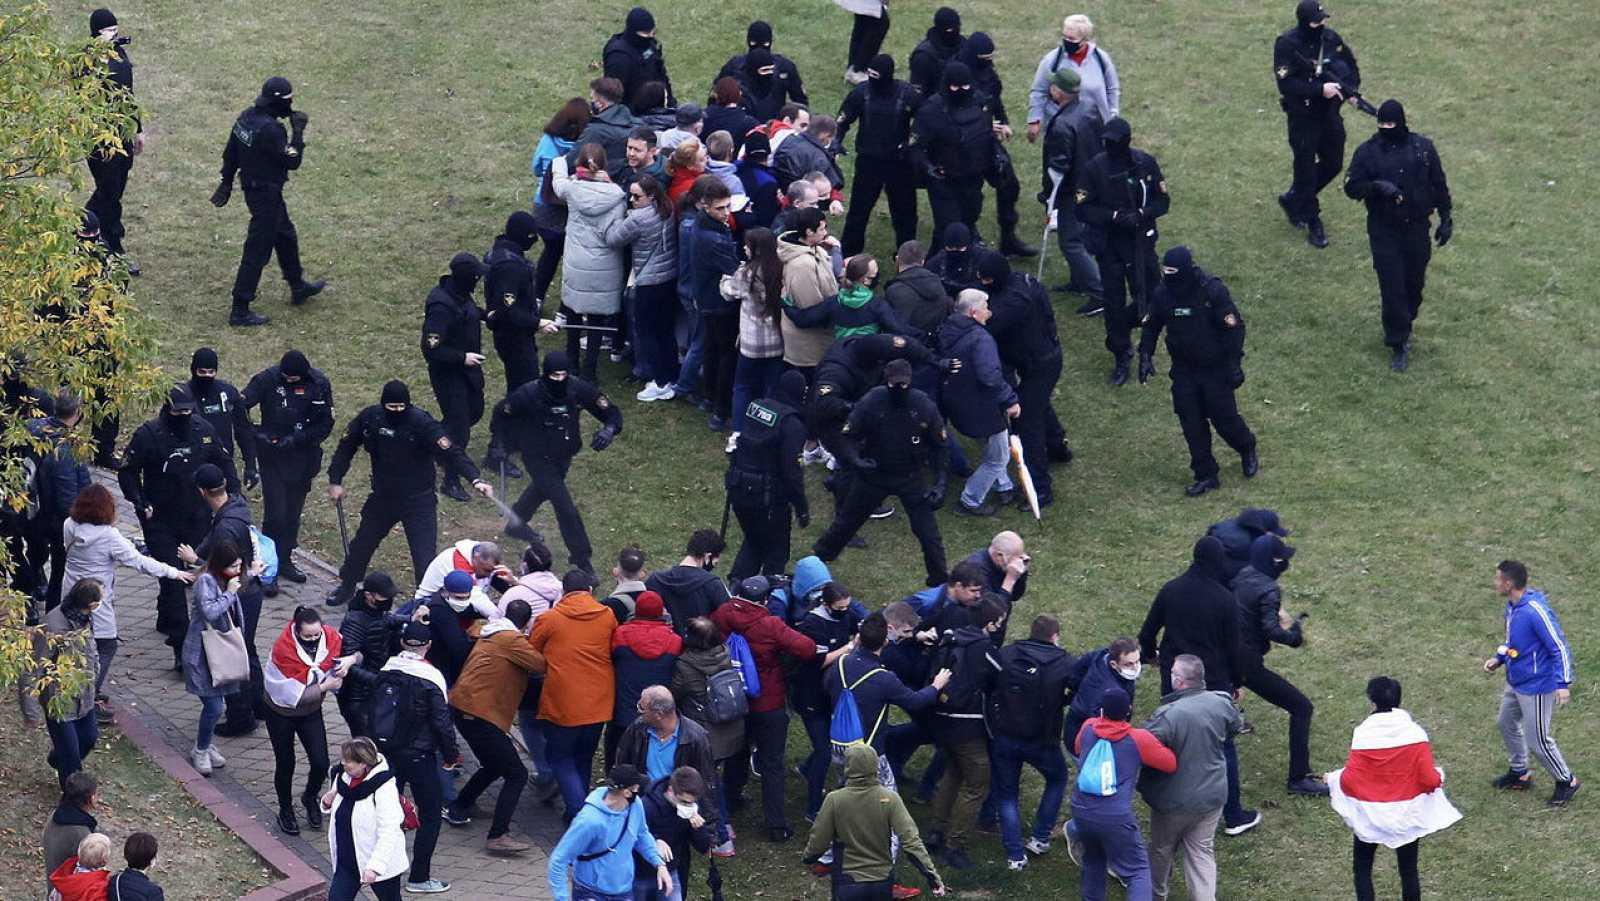 Policías bielorrusos y manifestantes se enfrentan en una protesta contra los resultados de las elecciones presidenciales en Minsk, Bielorrusia, el 11 de octubre de 2020.